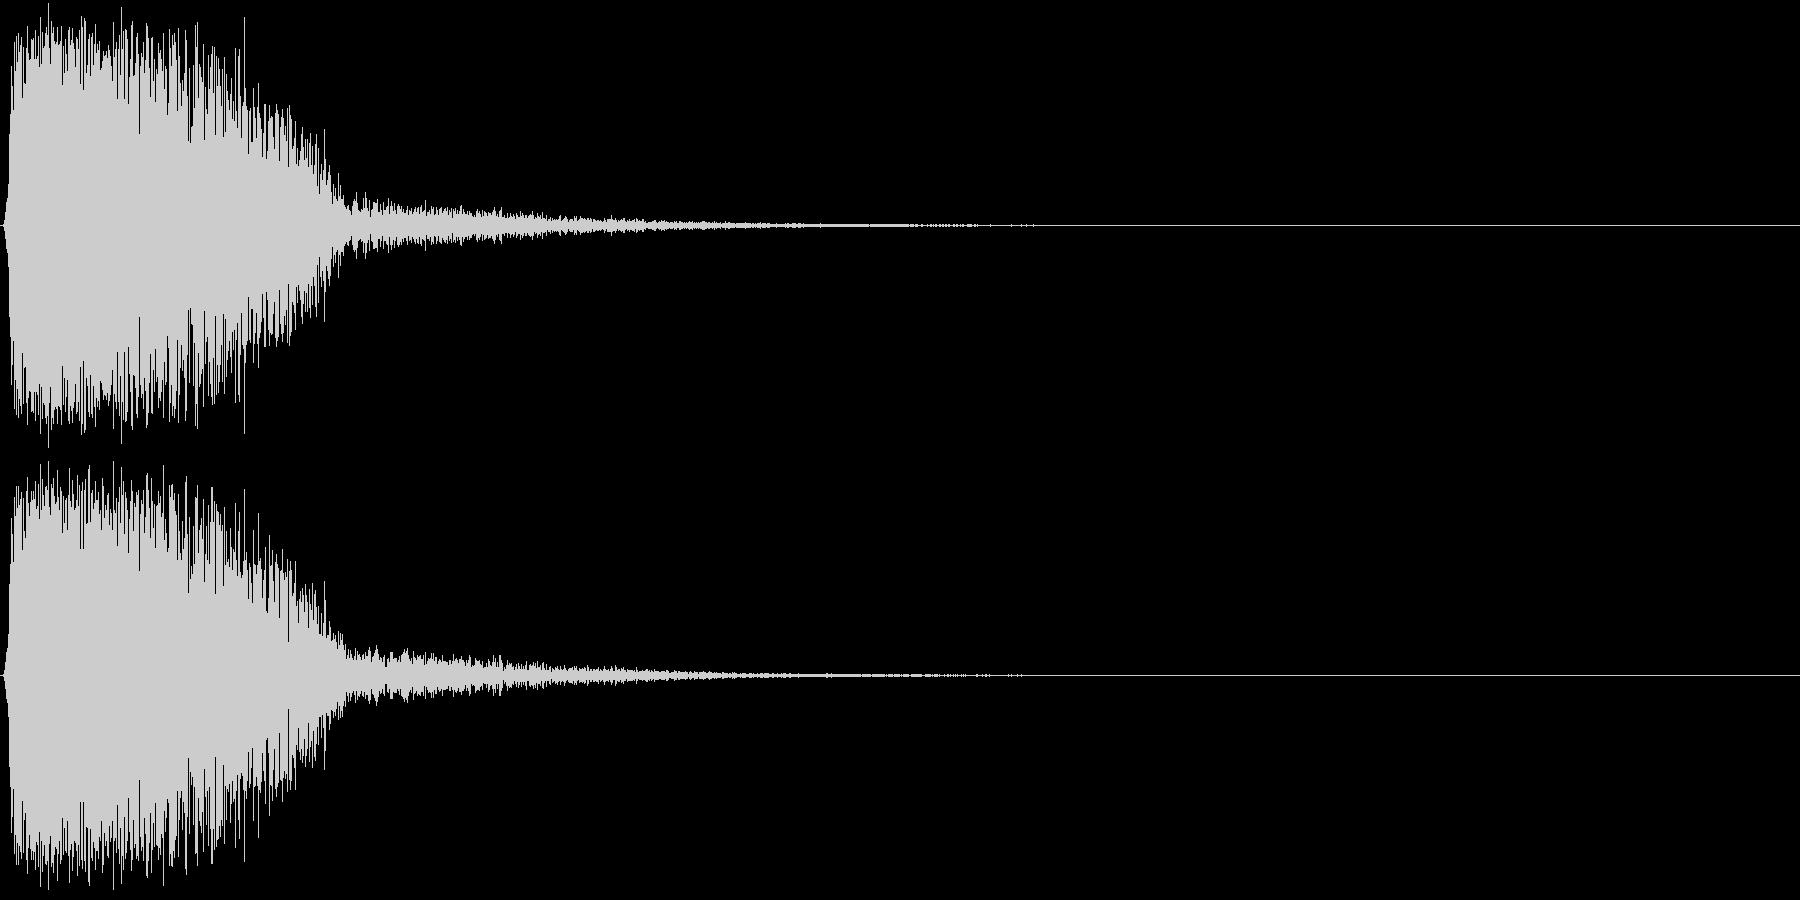 KAKUGE 格闘ゲーム戦闘音 68の未再生の波形